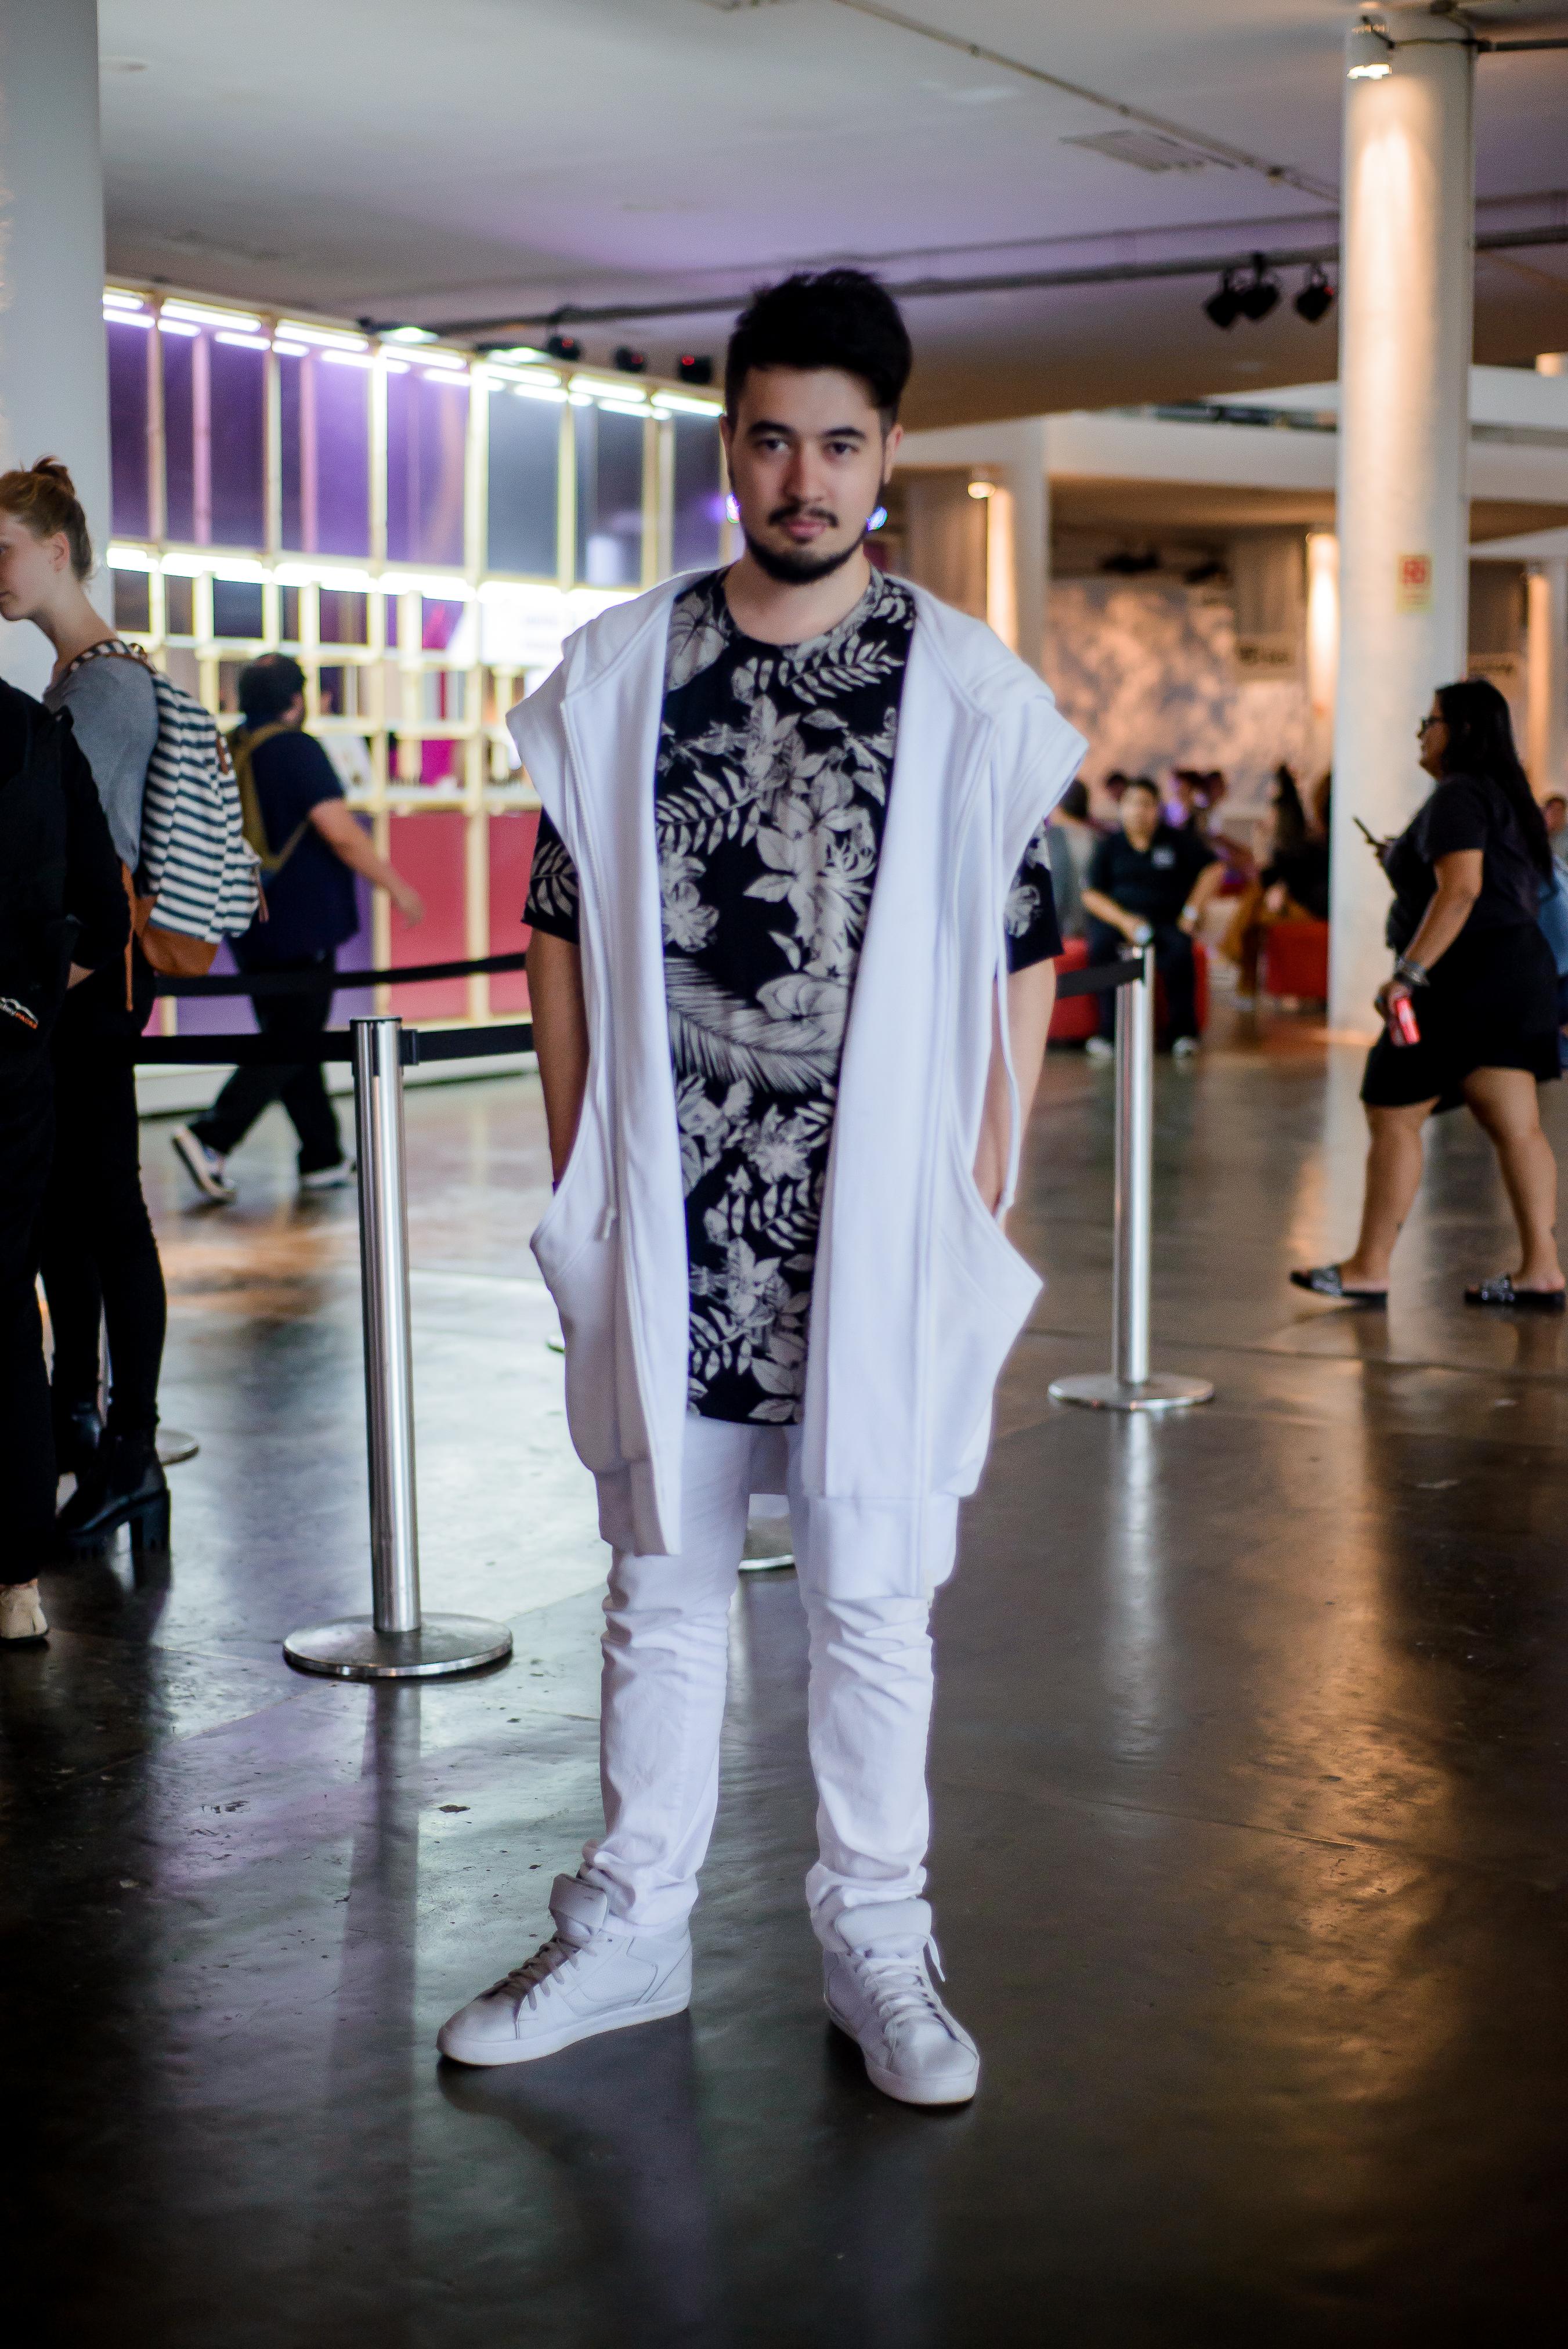 spfwn43-street-style-moda-masculina-estilo-masculino-style-fashion-moda-2017-moda-sem-censura-beleza-blog-de-moda-men-man-boy-estilo (6)